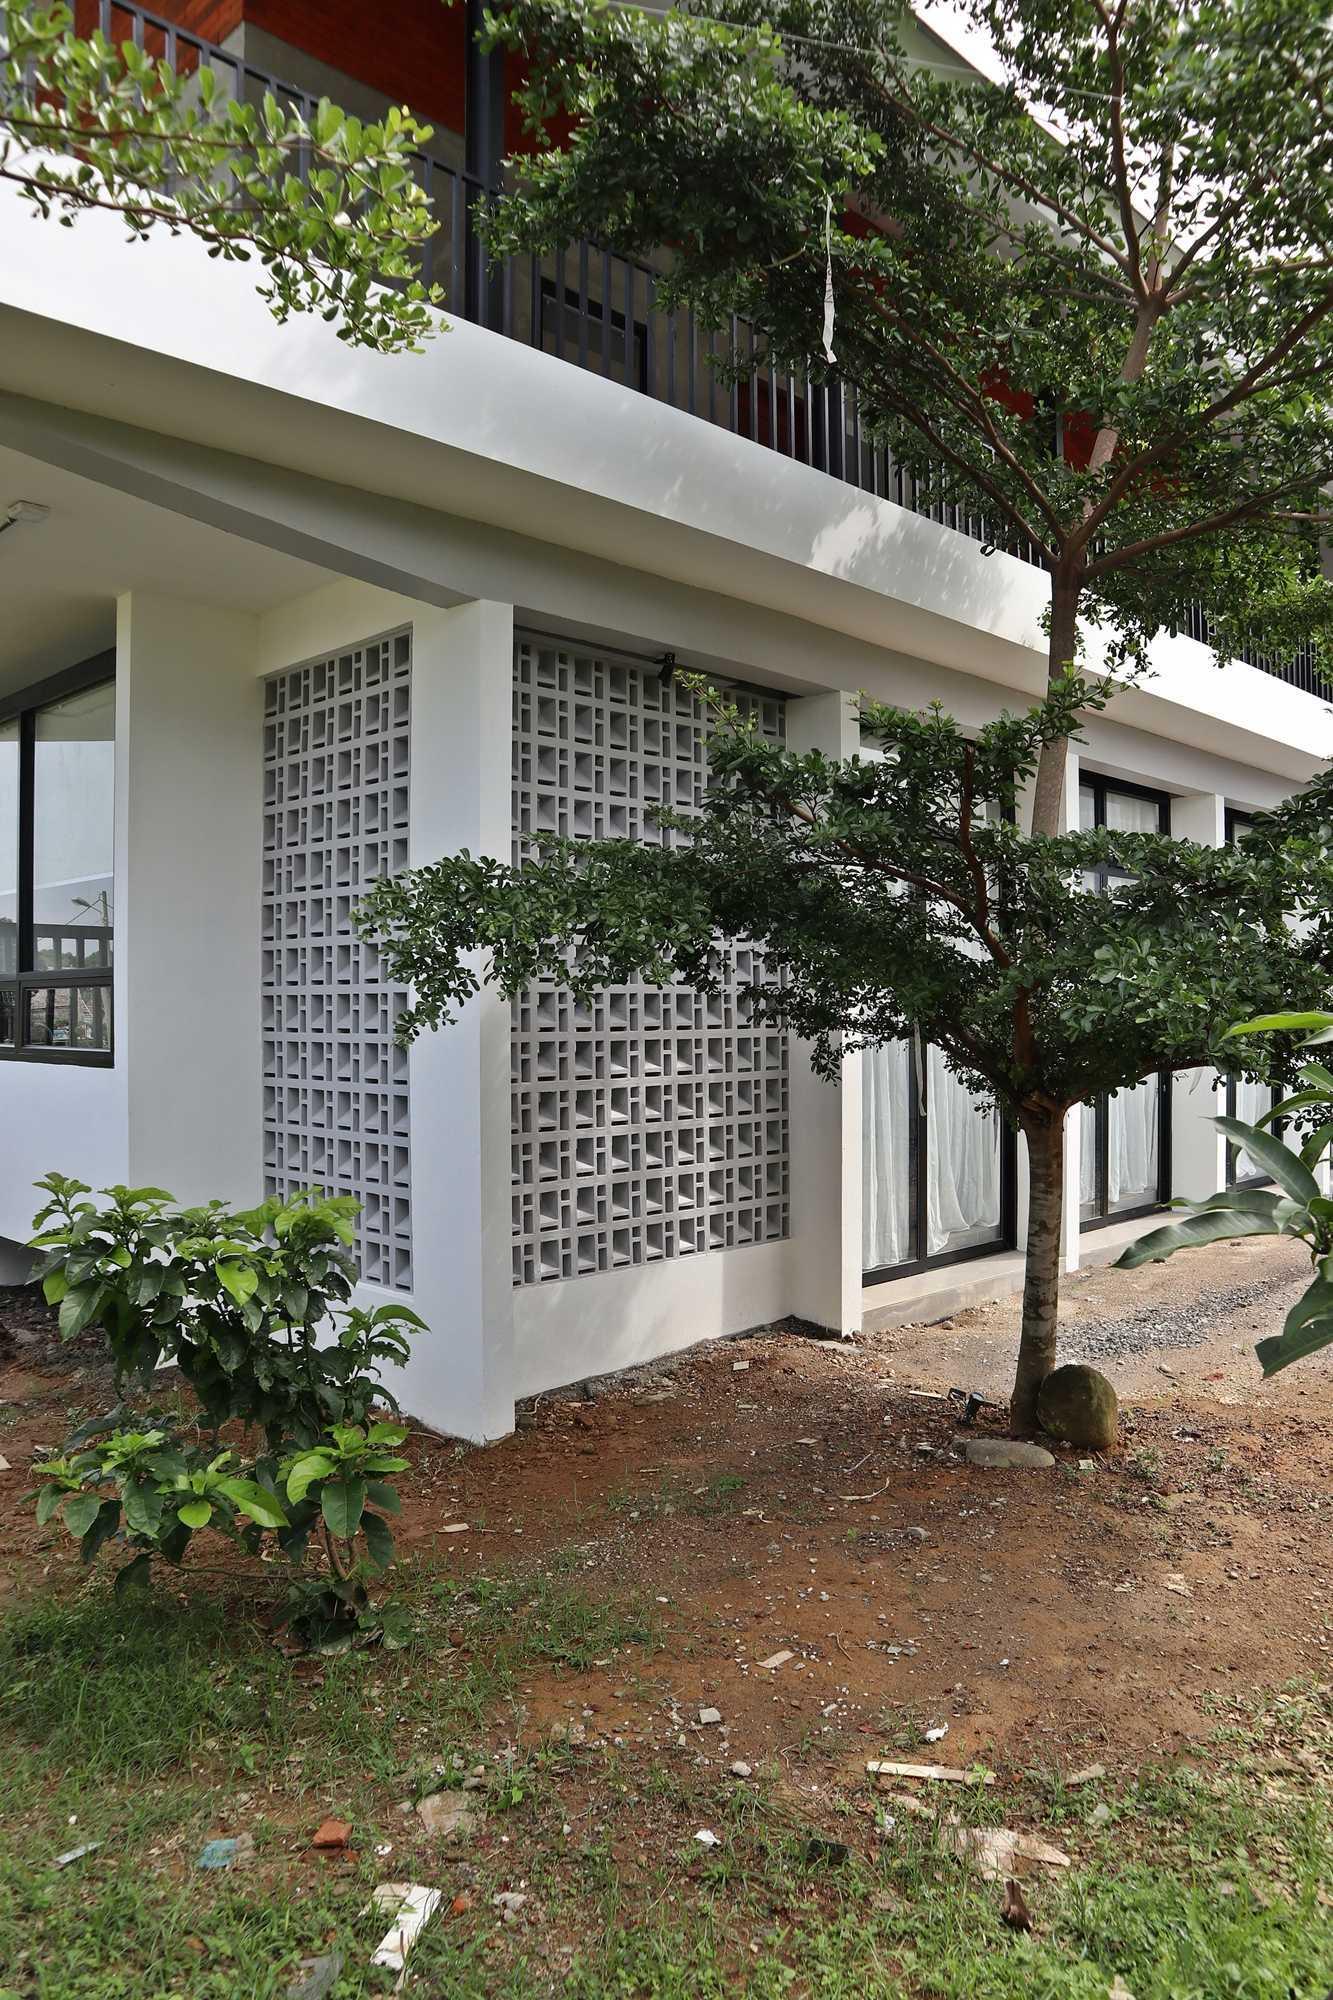 Bd Studio Je Villa House Medan, Kota Medan, Sumatera Utara, Indonesia Medan, Kota Medan, Sumatera Utara, Indonesia Bd-Studio-Je-Villa-House  74115